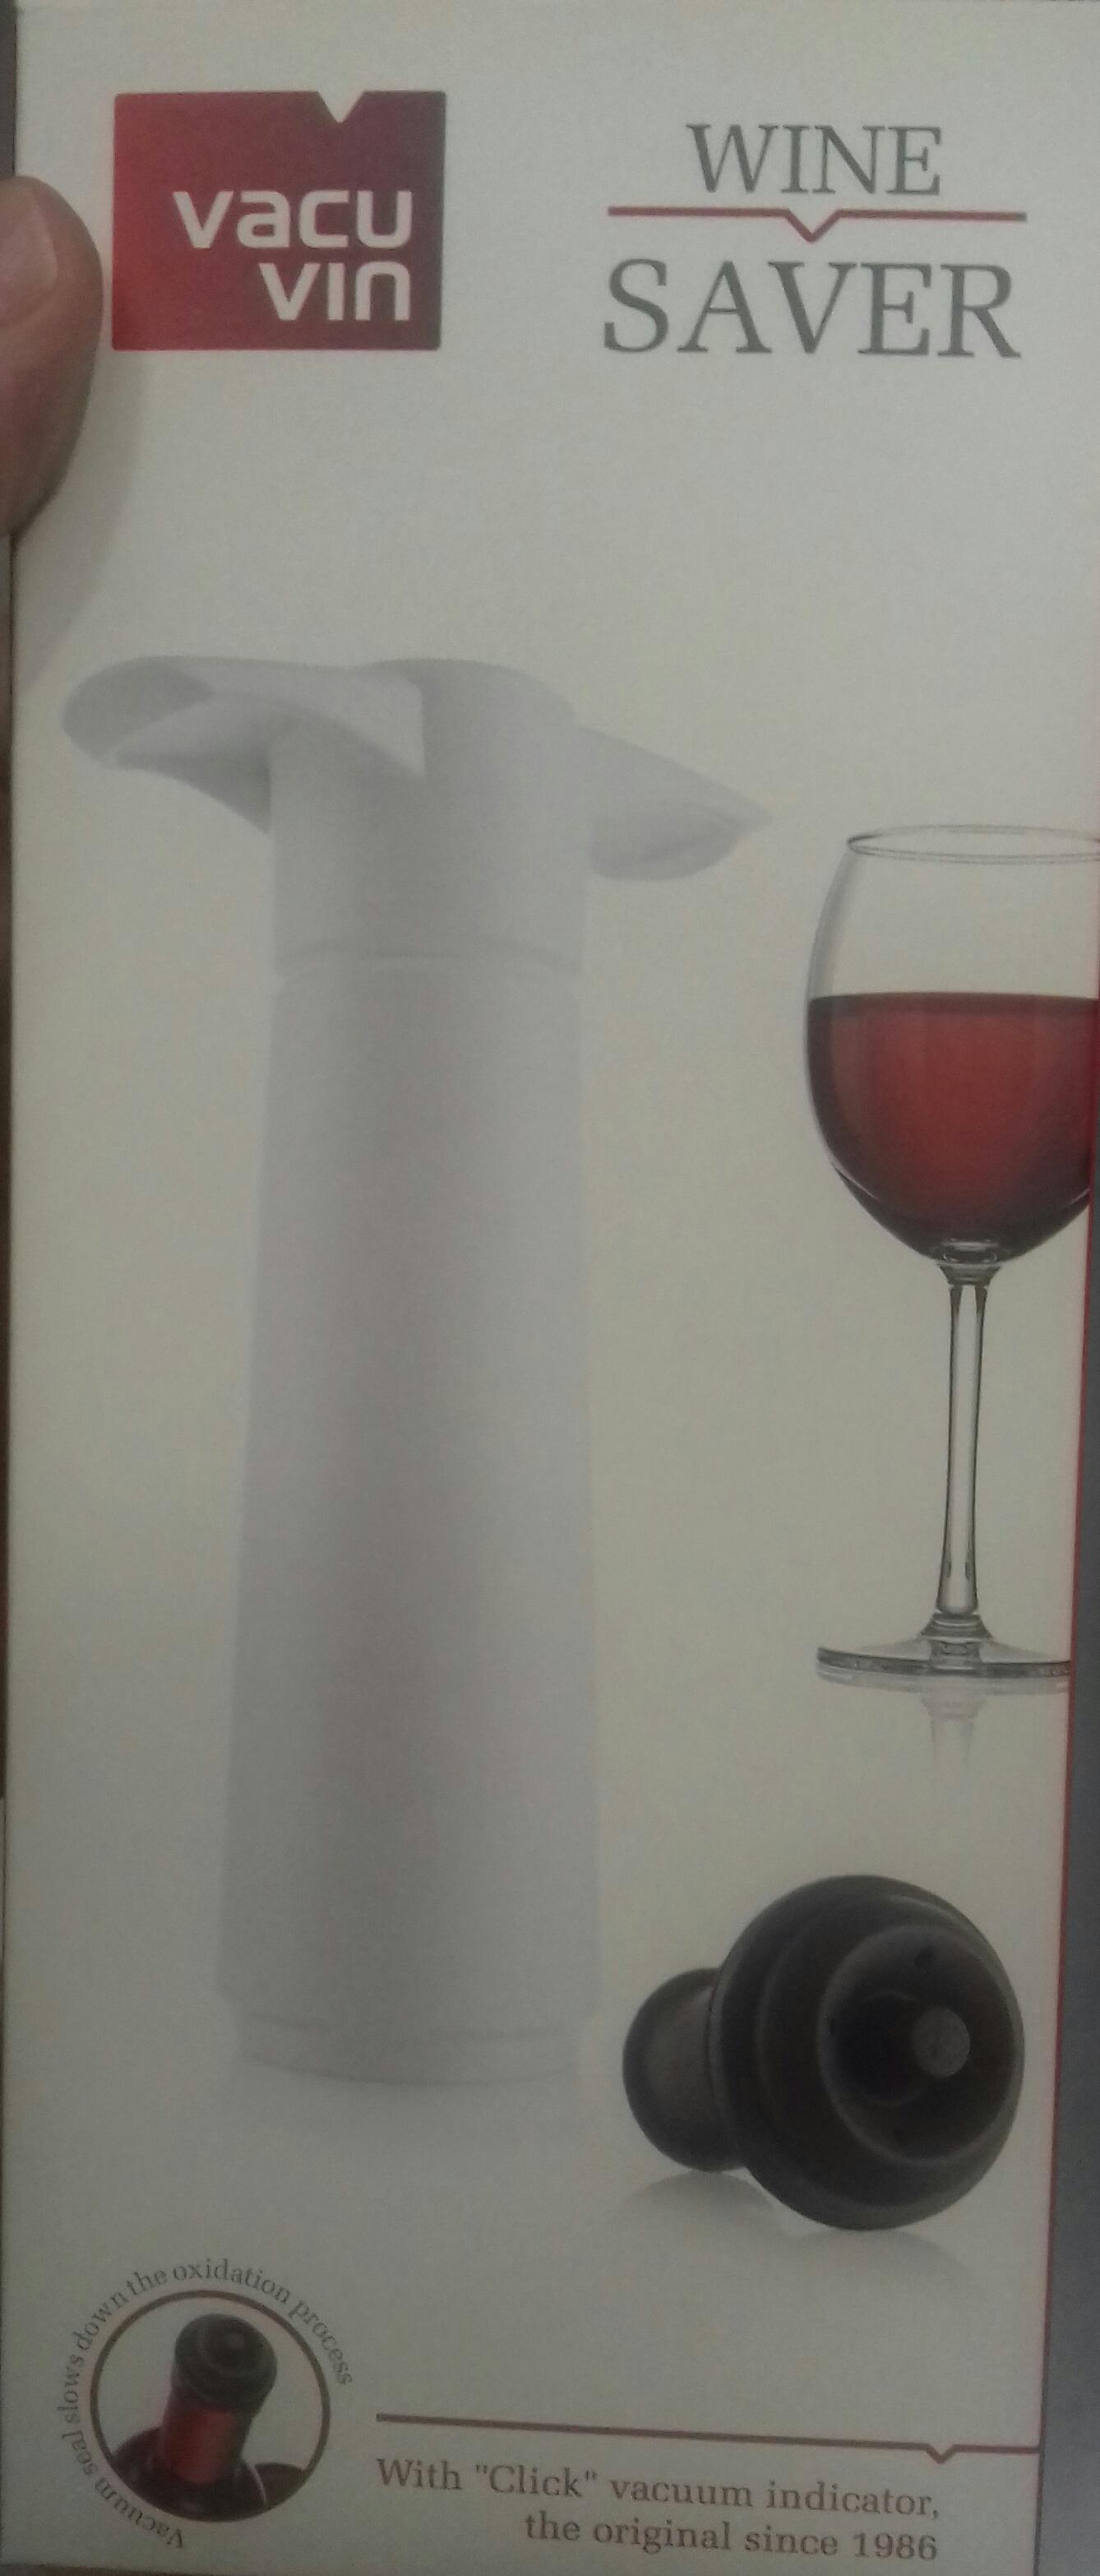 J'ai testé pour vous le système Vacu Vin de conservation des vins ????